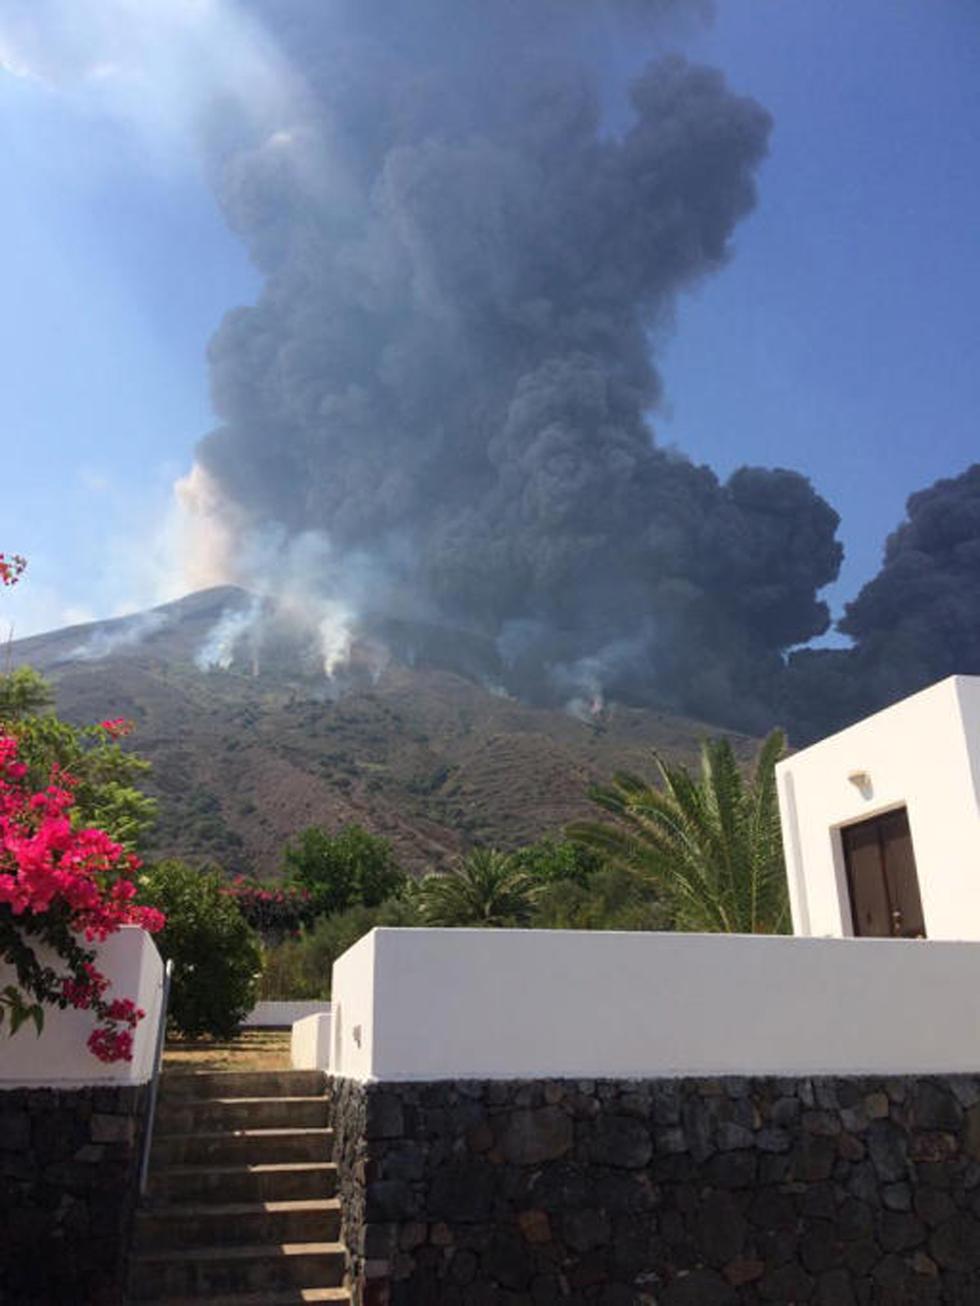 הר געש התפרצות געשית של סטרומבולי ב איטליה  (צילום: EPA)